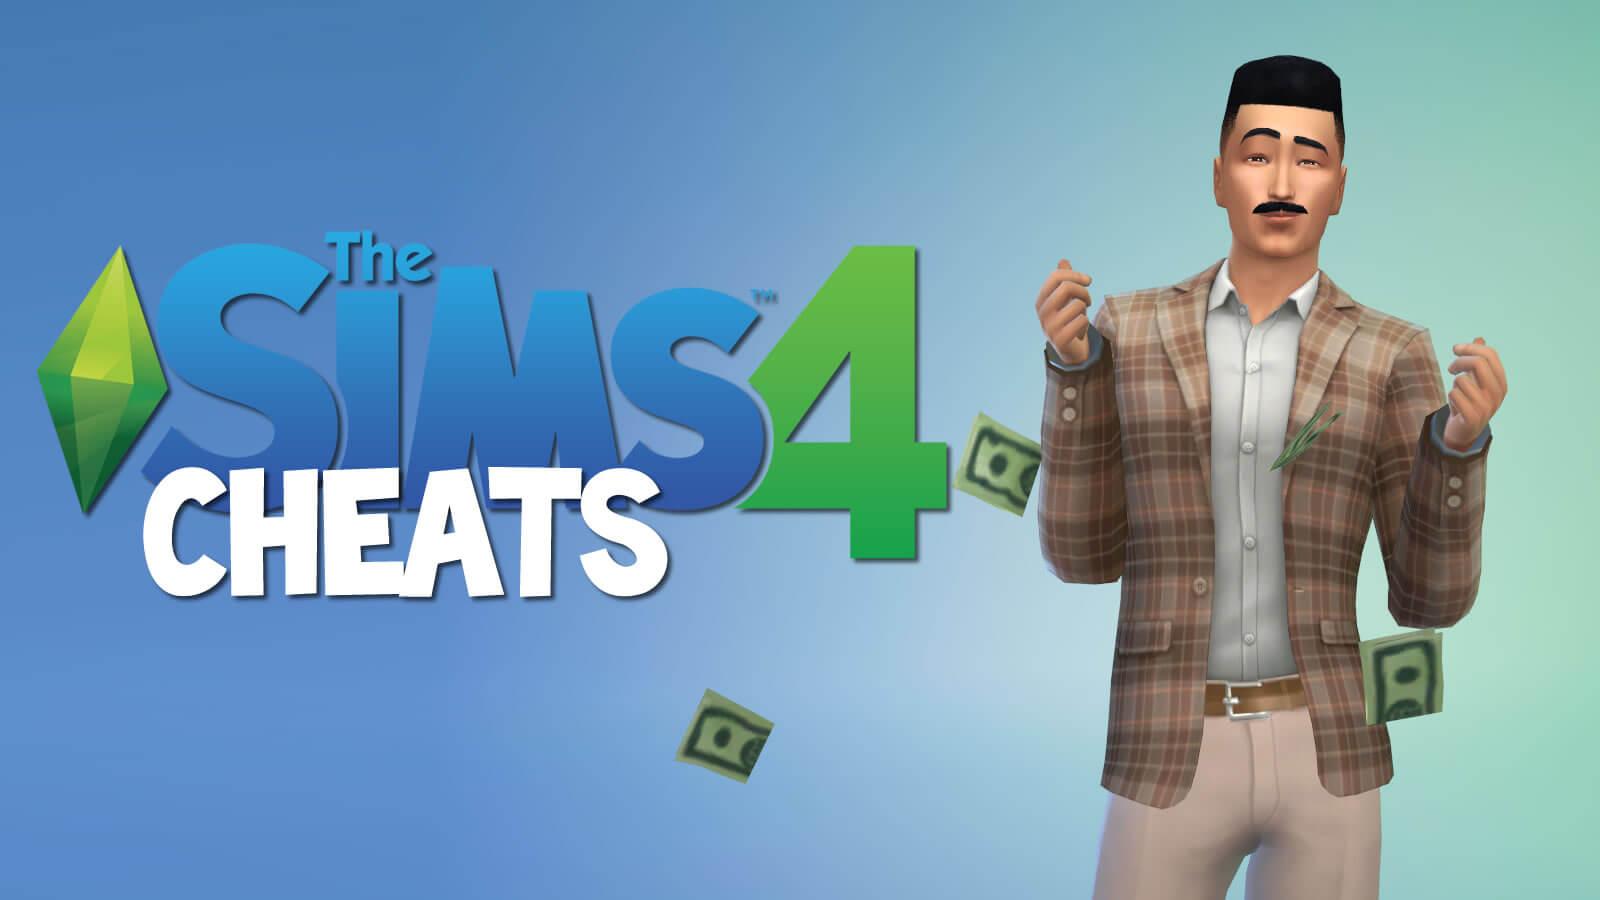 Os principais cheats do The Sims 4 // Mundo DRIX